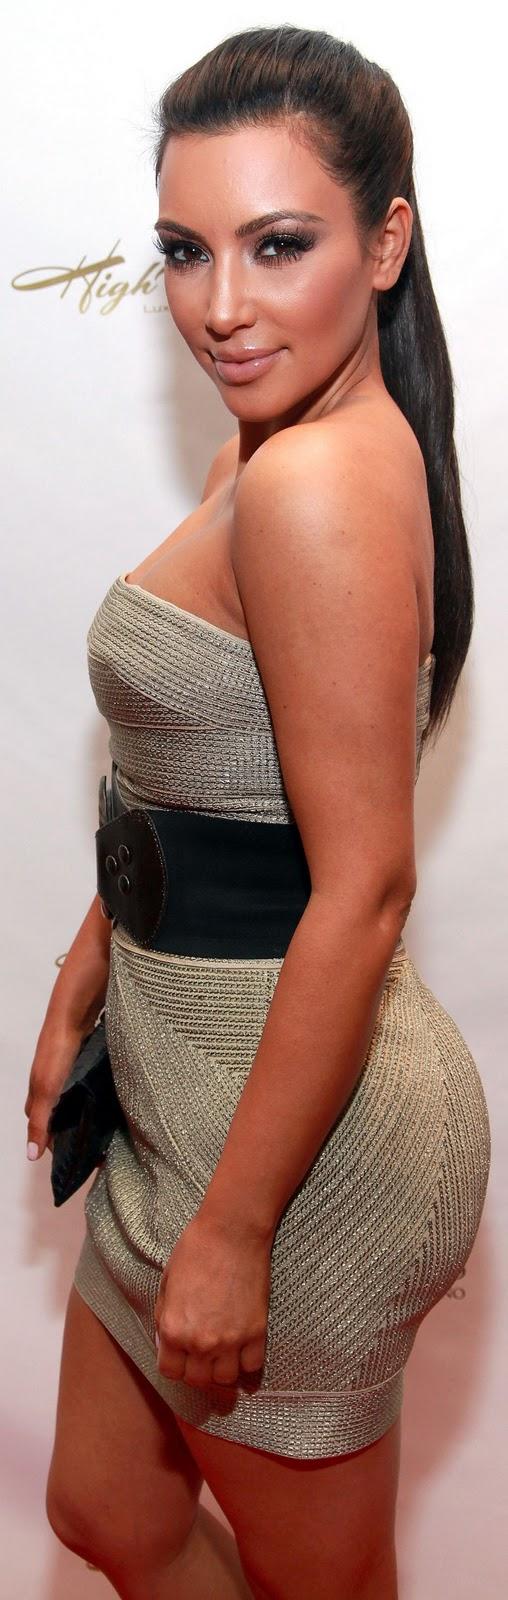 The Suinas Party Kim Kardashian-5014